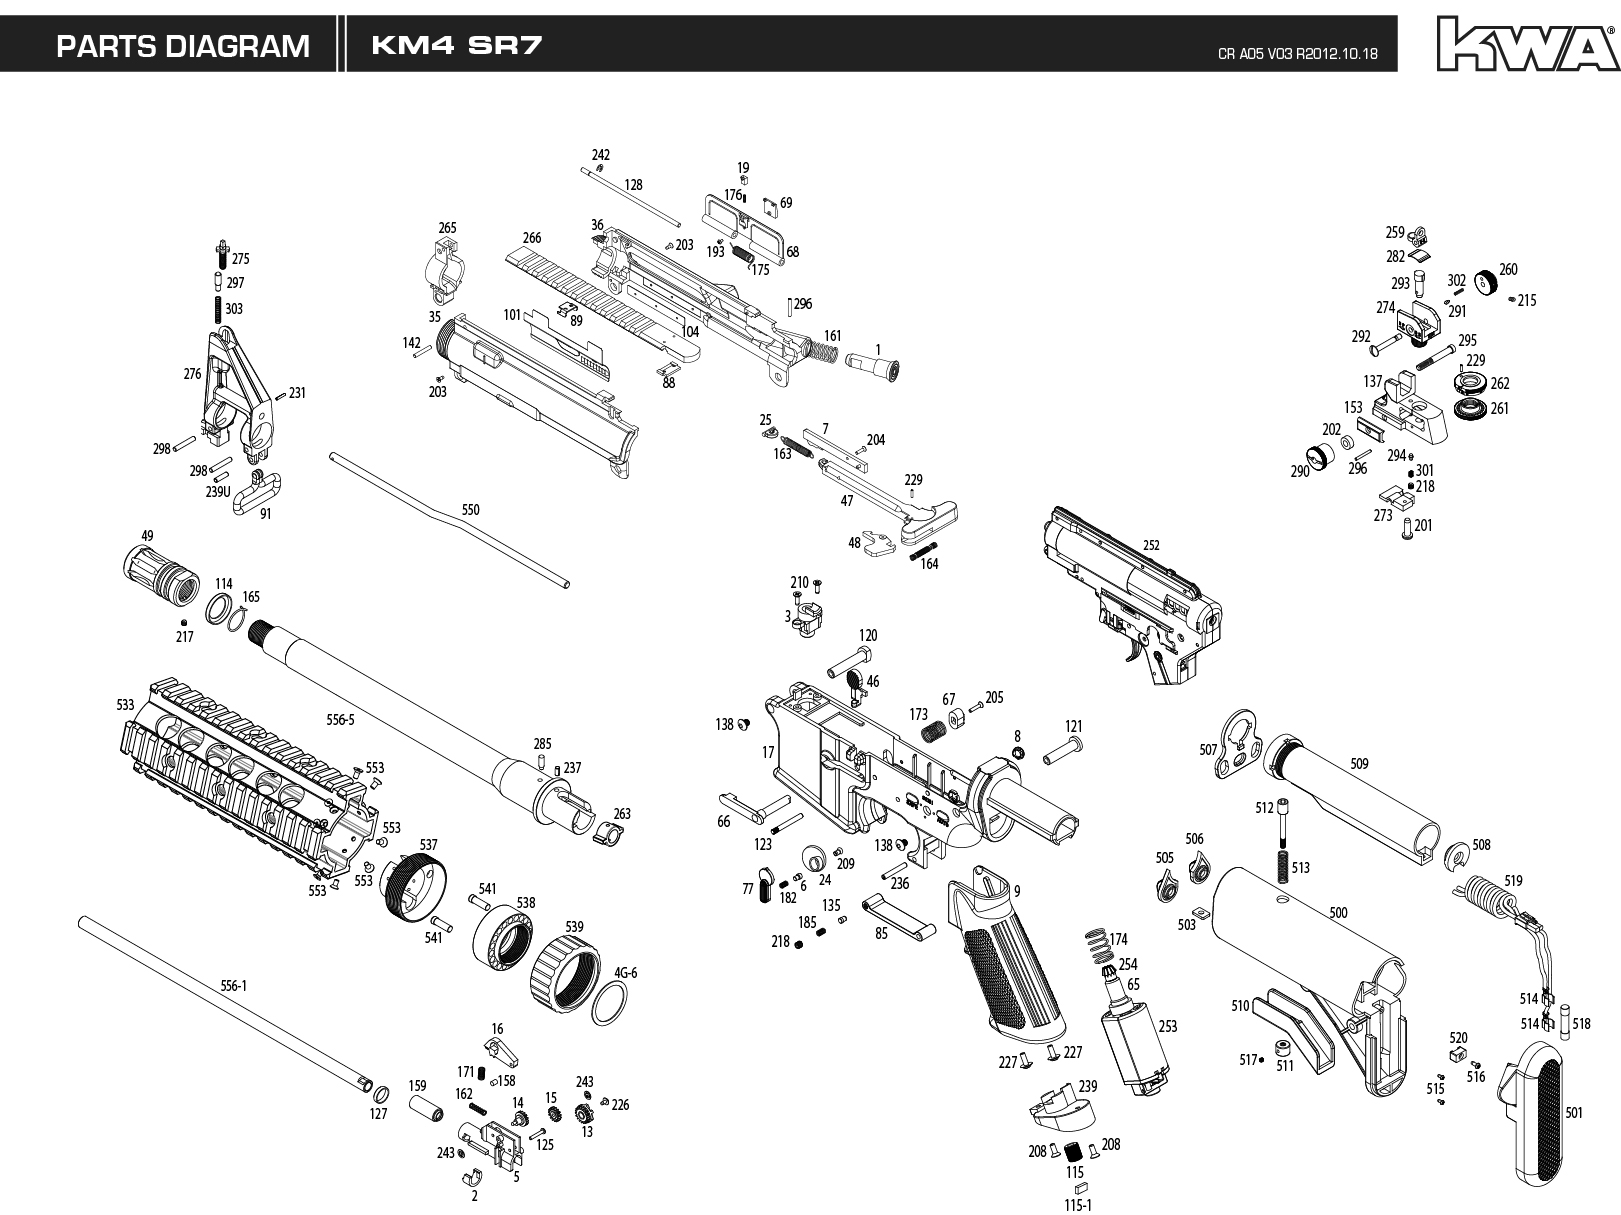 M4 Carbine Parts Diagram Wiring